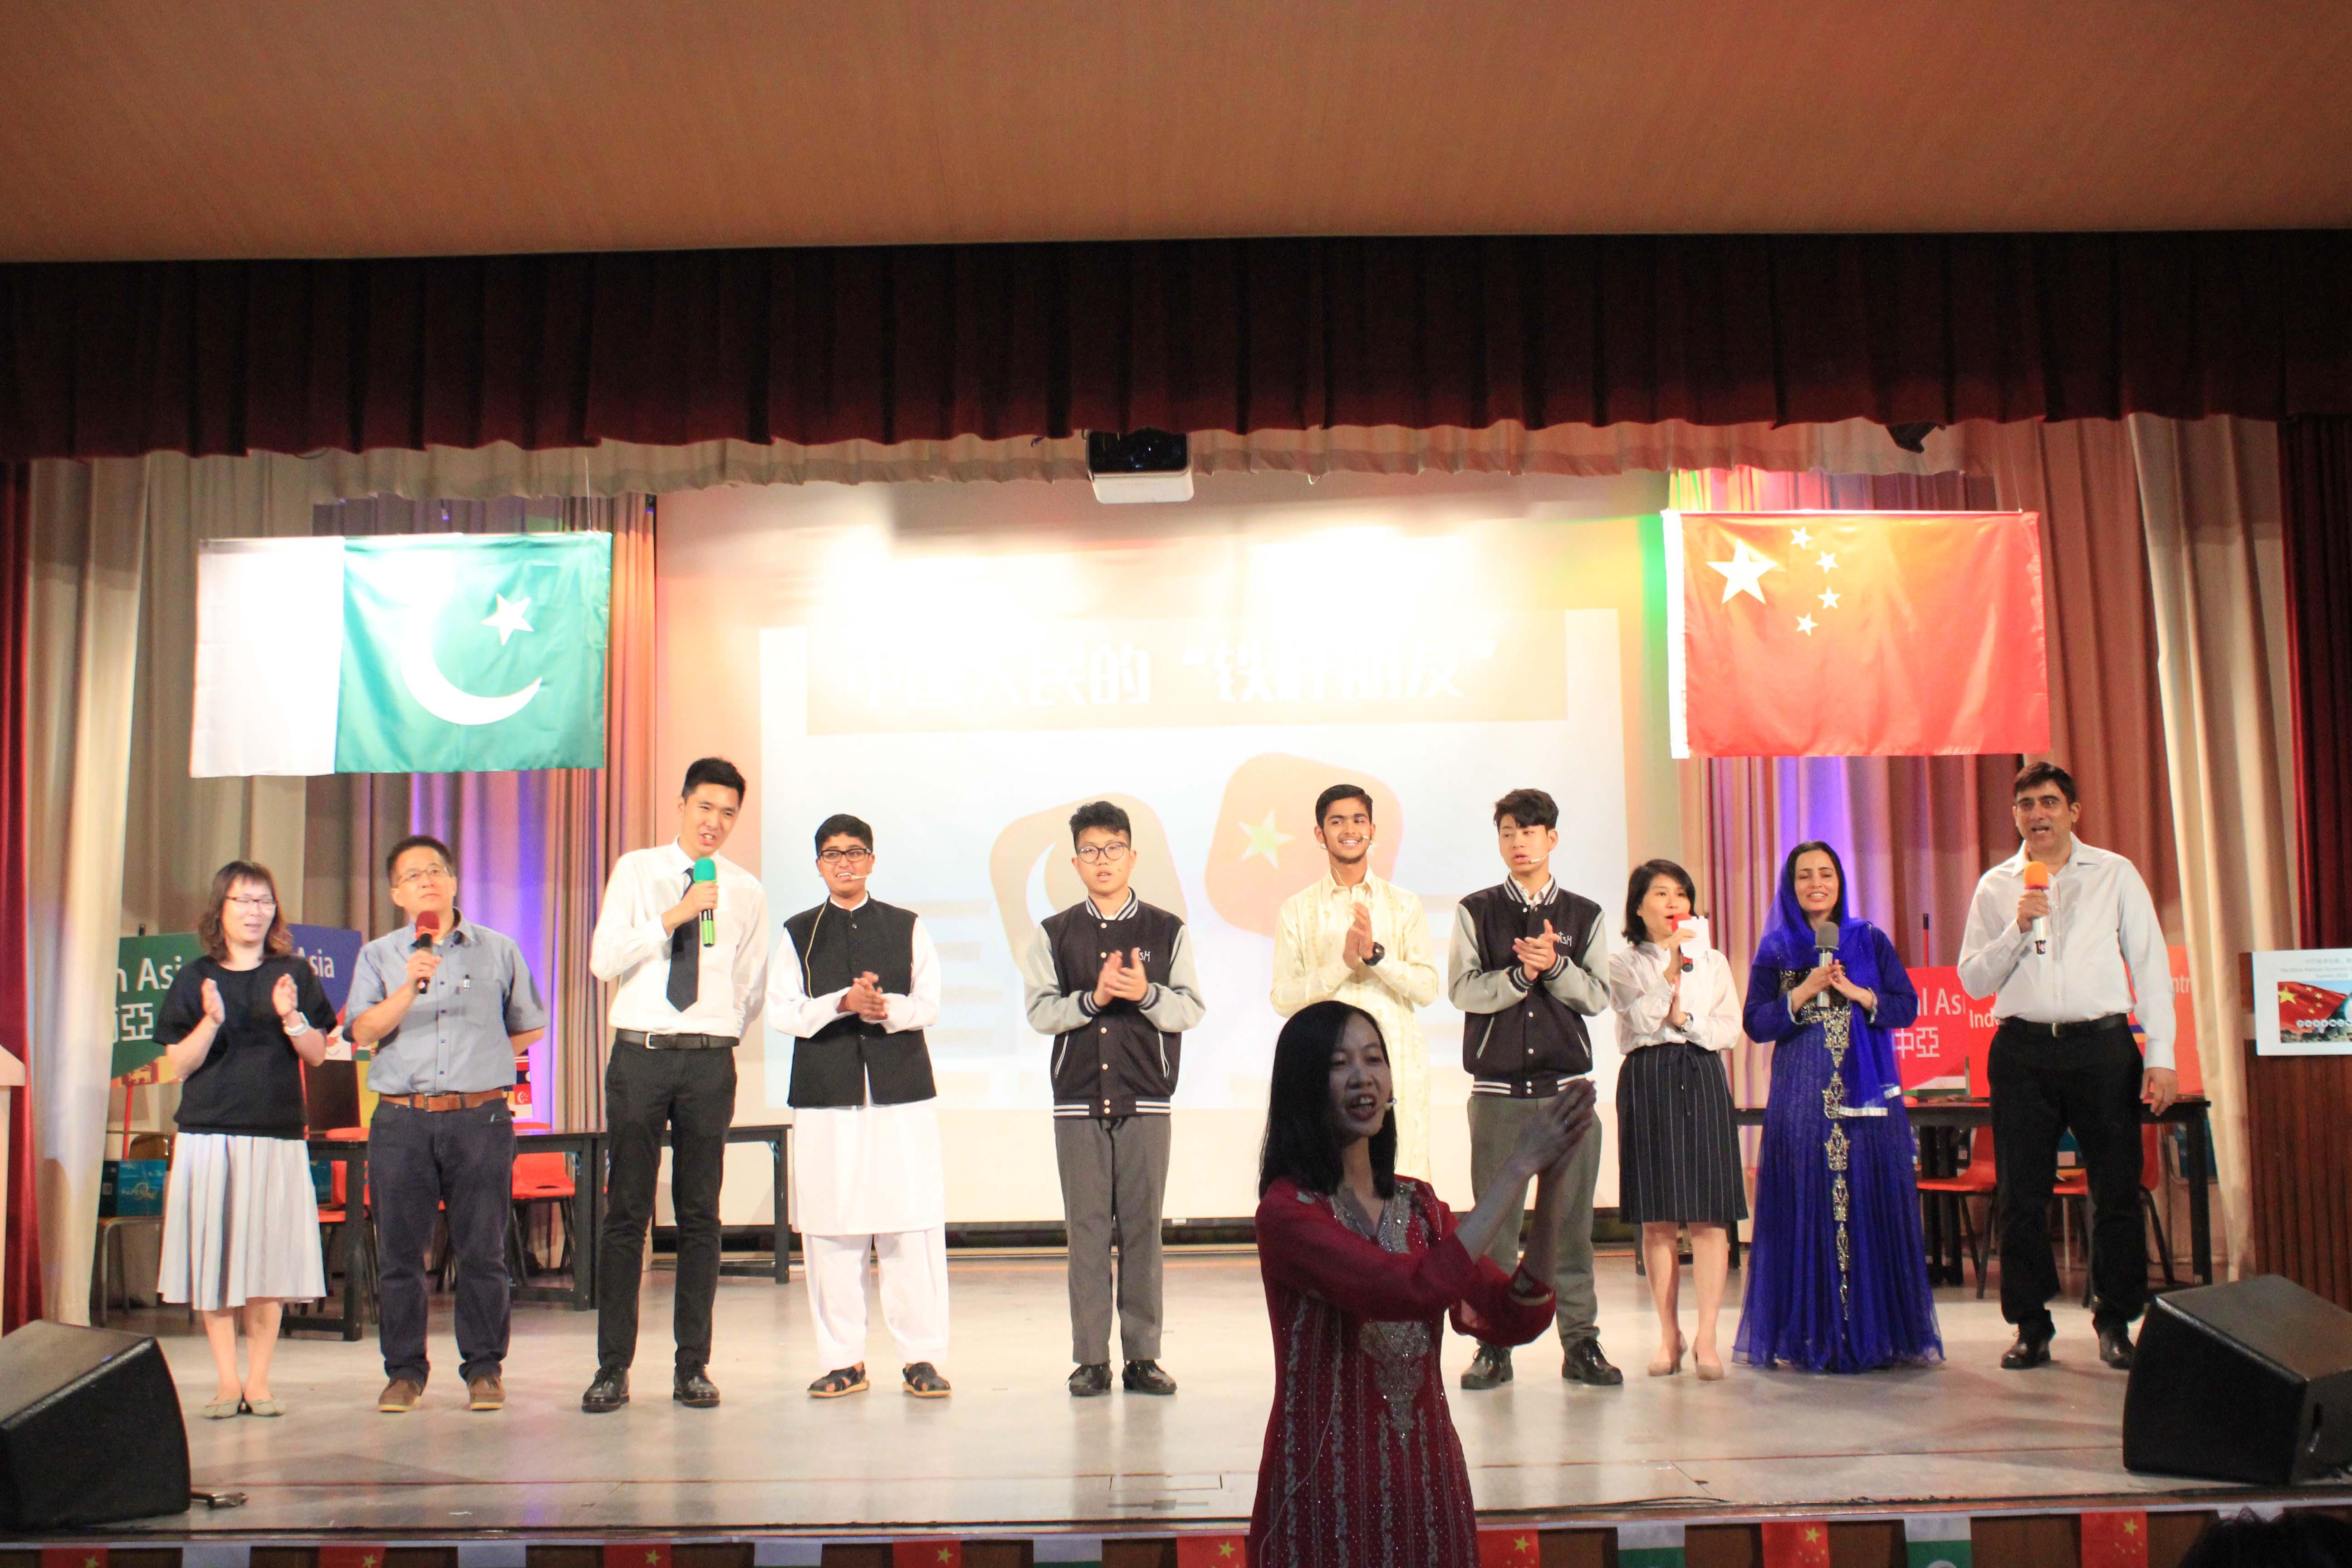 天主教慈幼會伍少梅中學的「中巴經濟走廊」高峰會活動相片7